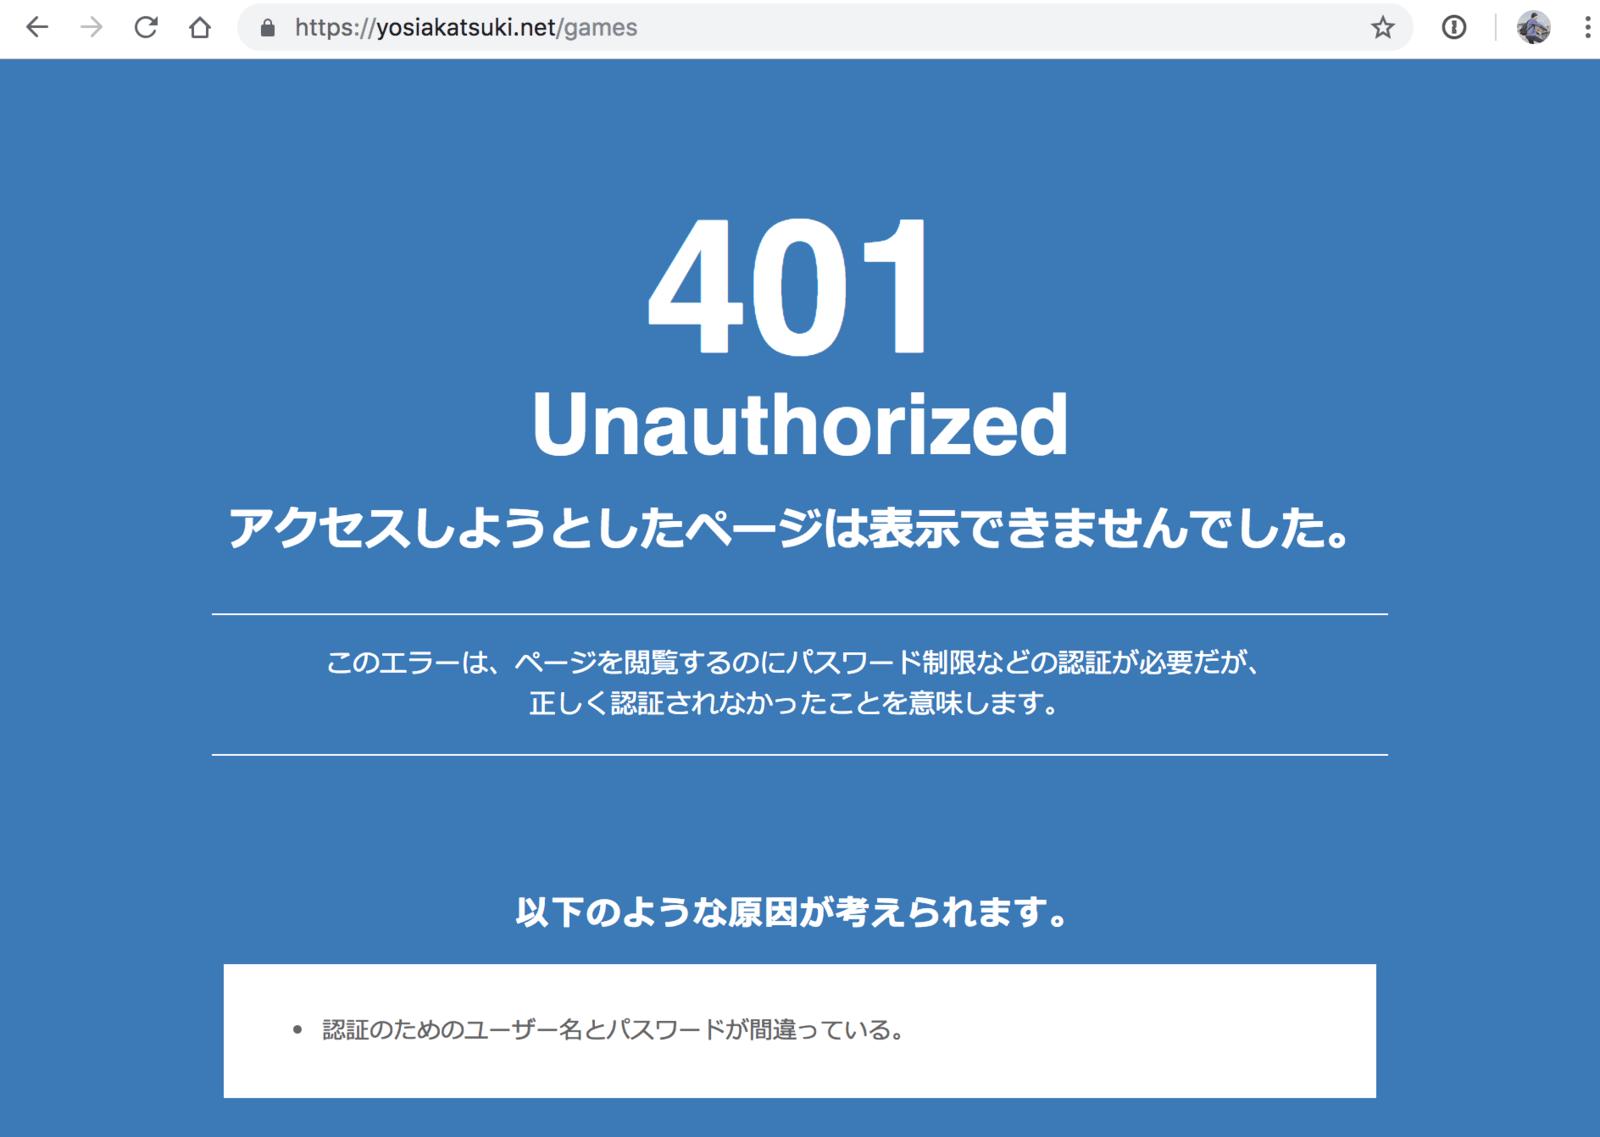 正しいユーザー・パスワードを入力しないとサイトを見ることができない